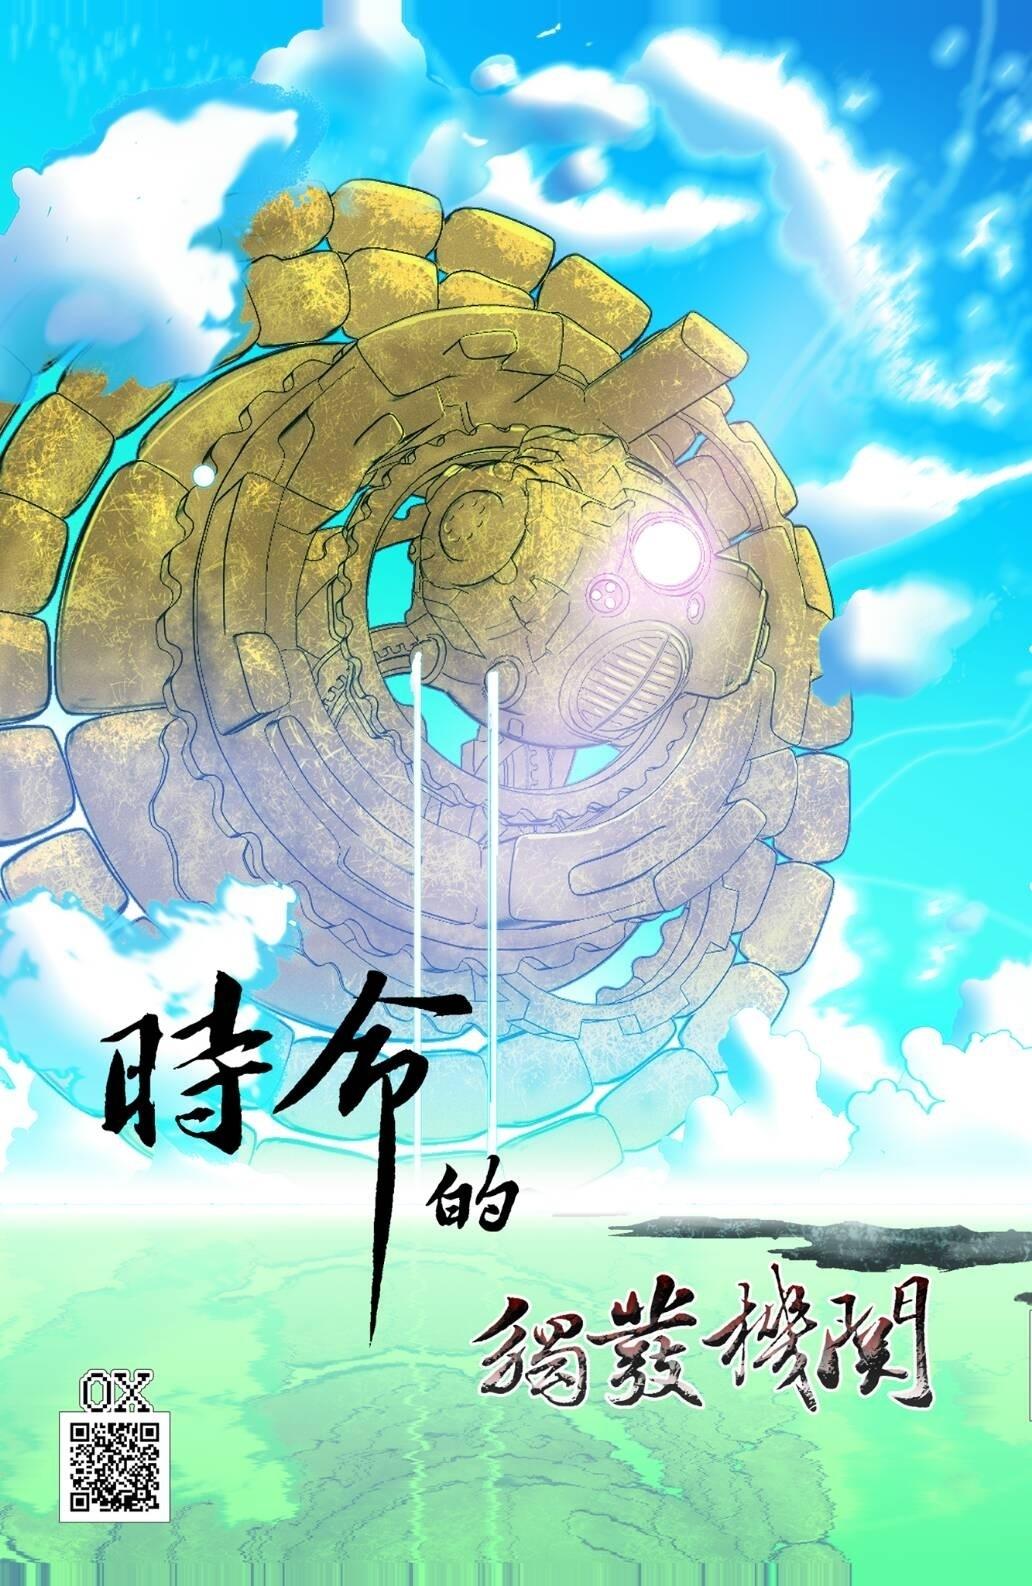 2019/02/16(六)金車創意講堂:羅際揚【殊途同歸,奇幻科幻終歸都是幻】